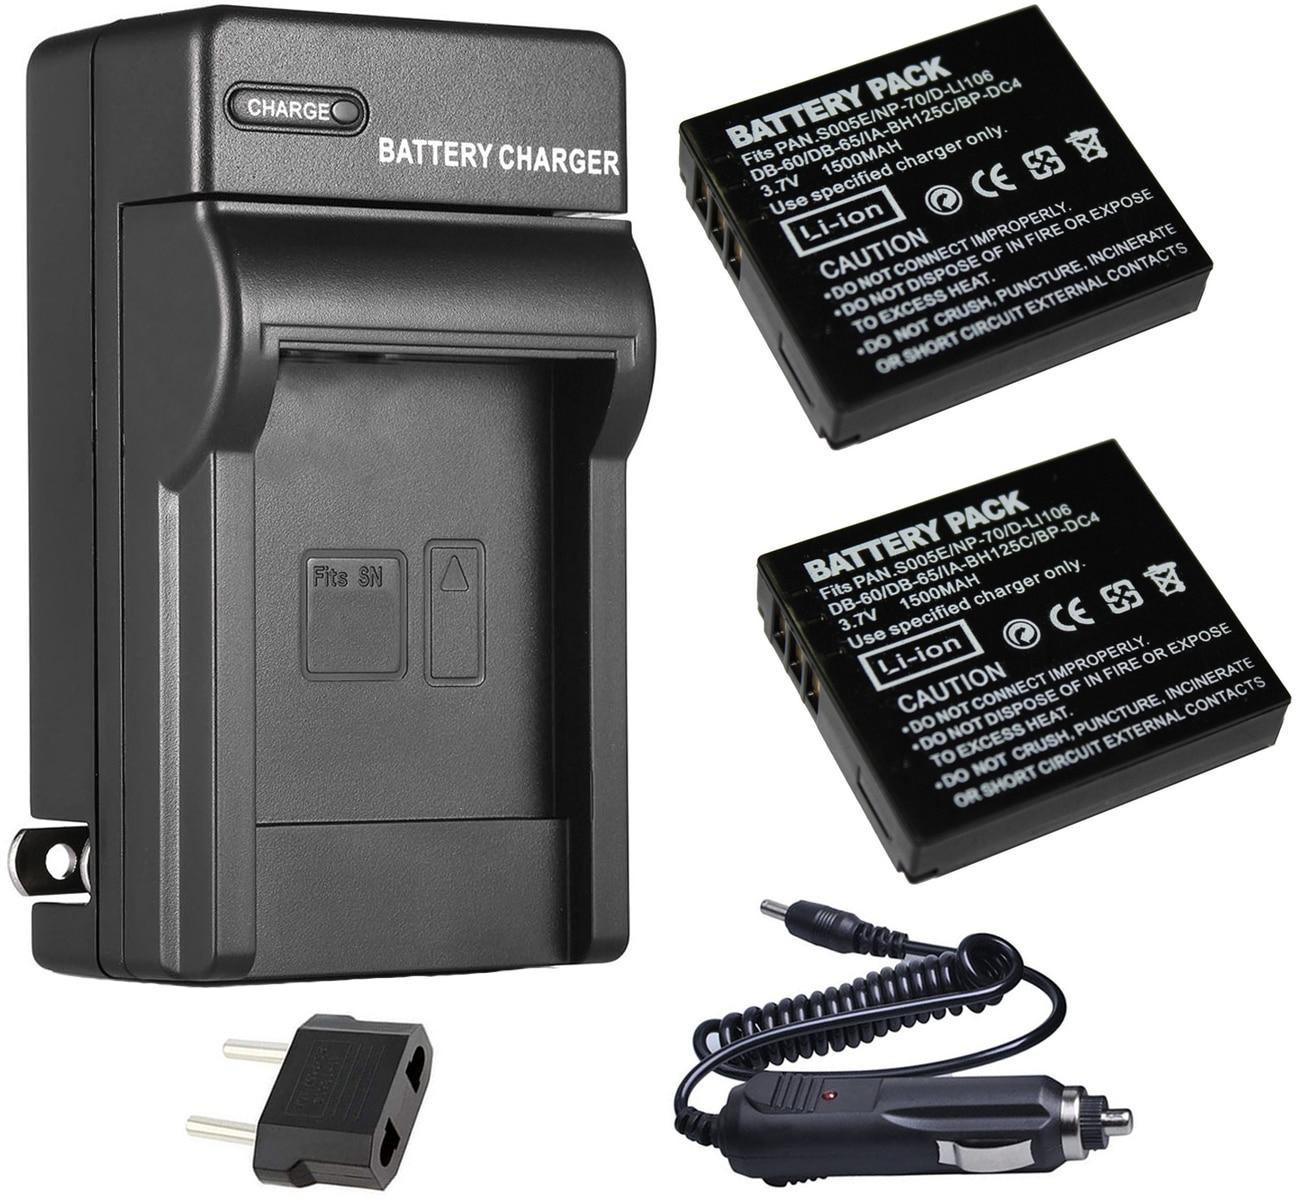 Аккумулятор (2 шт.) + зарядное устройство для Pentax D-Li106, DLi106 и Pentax MX-1, MX1, X-90, X90 цифровая камера